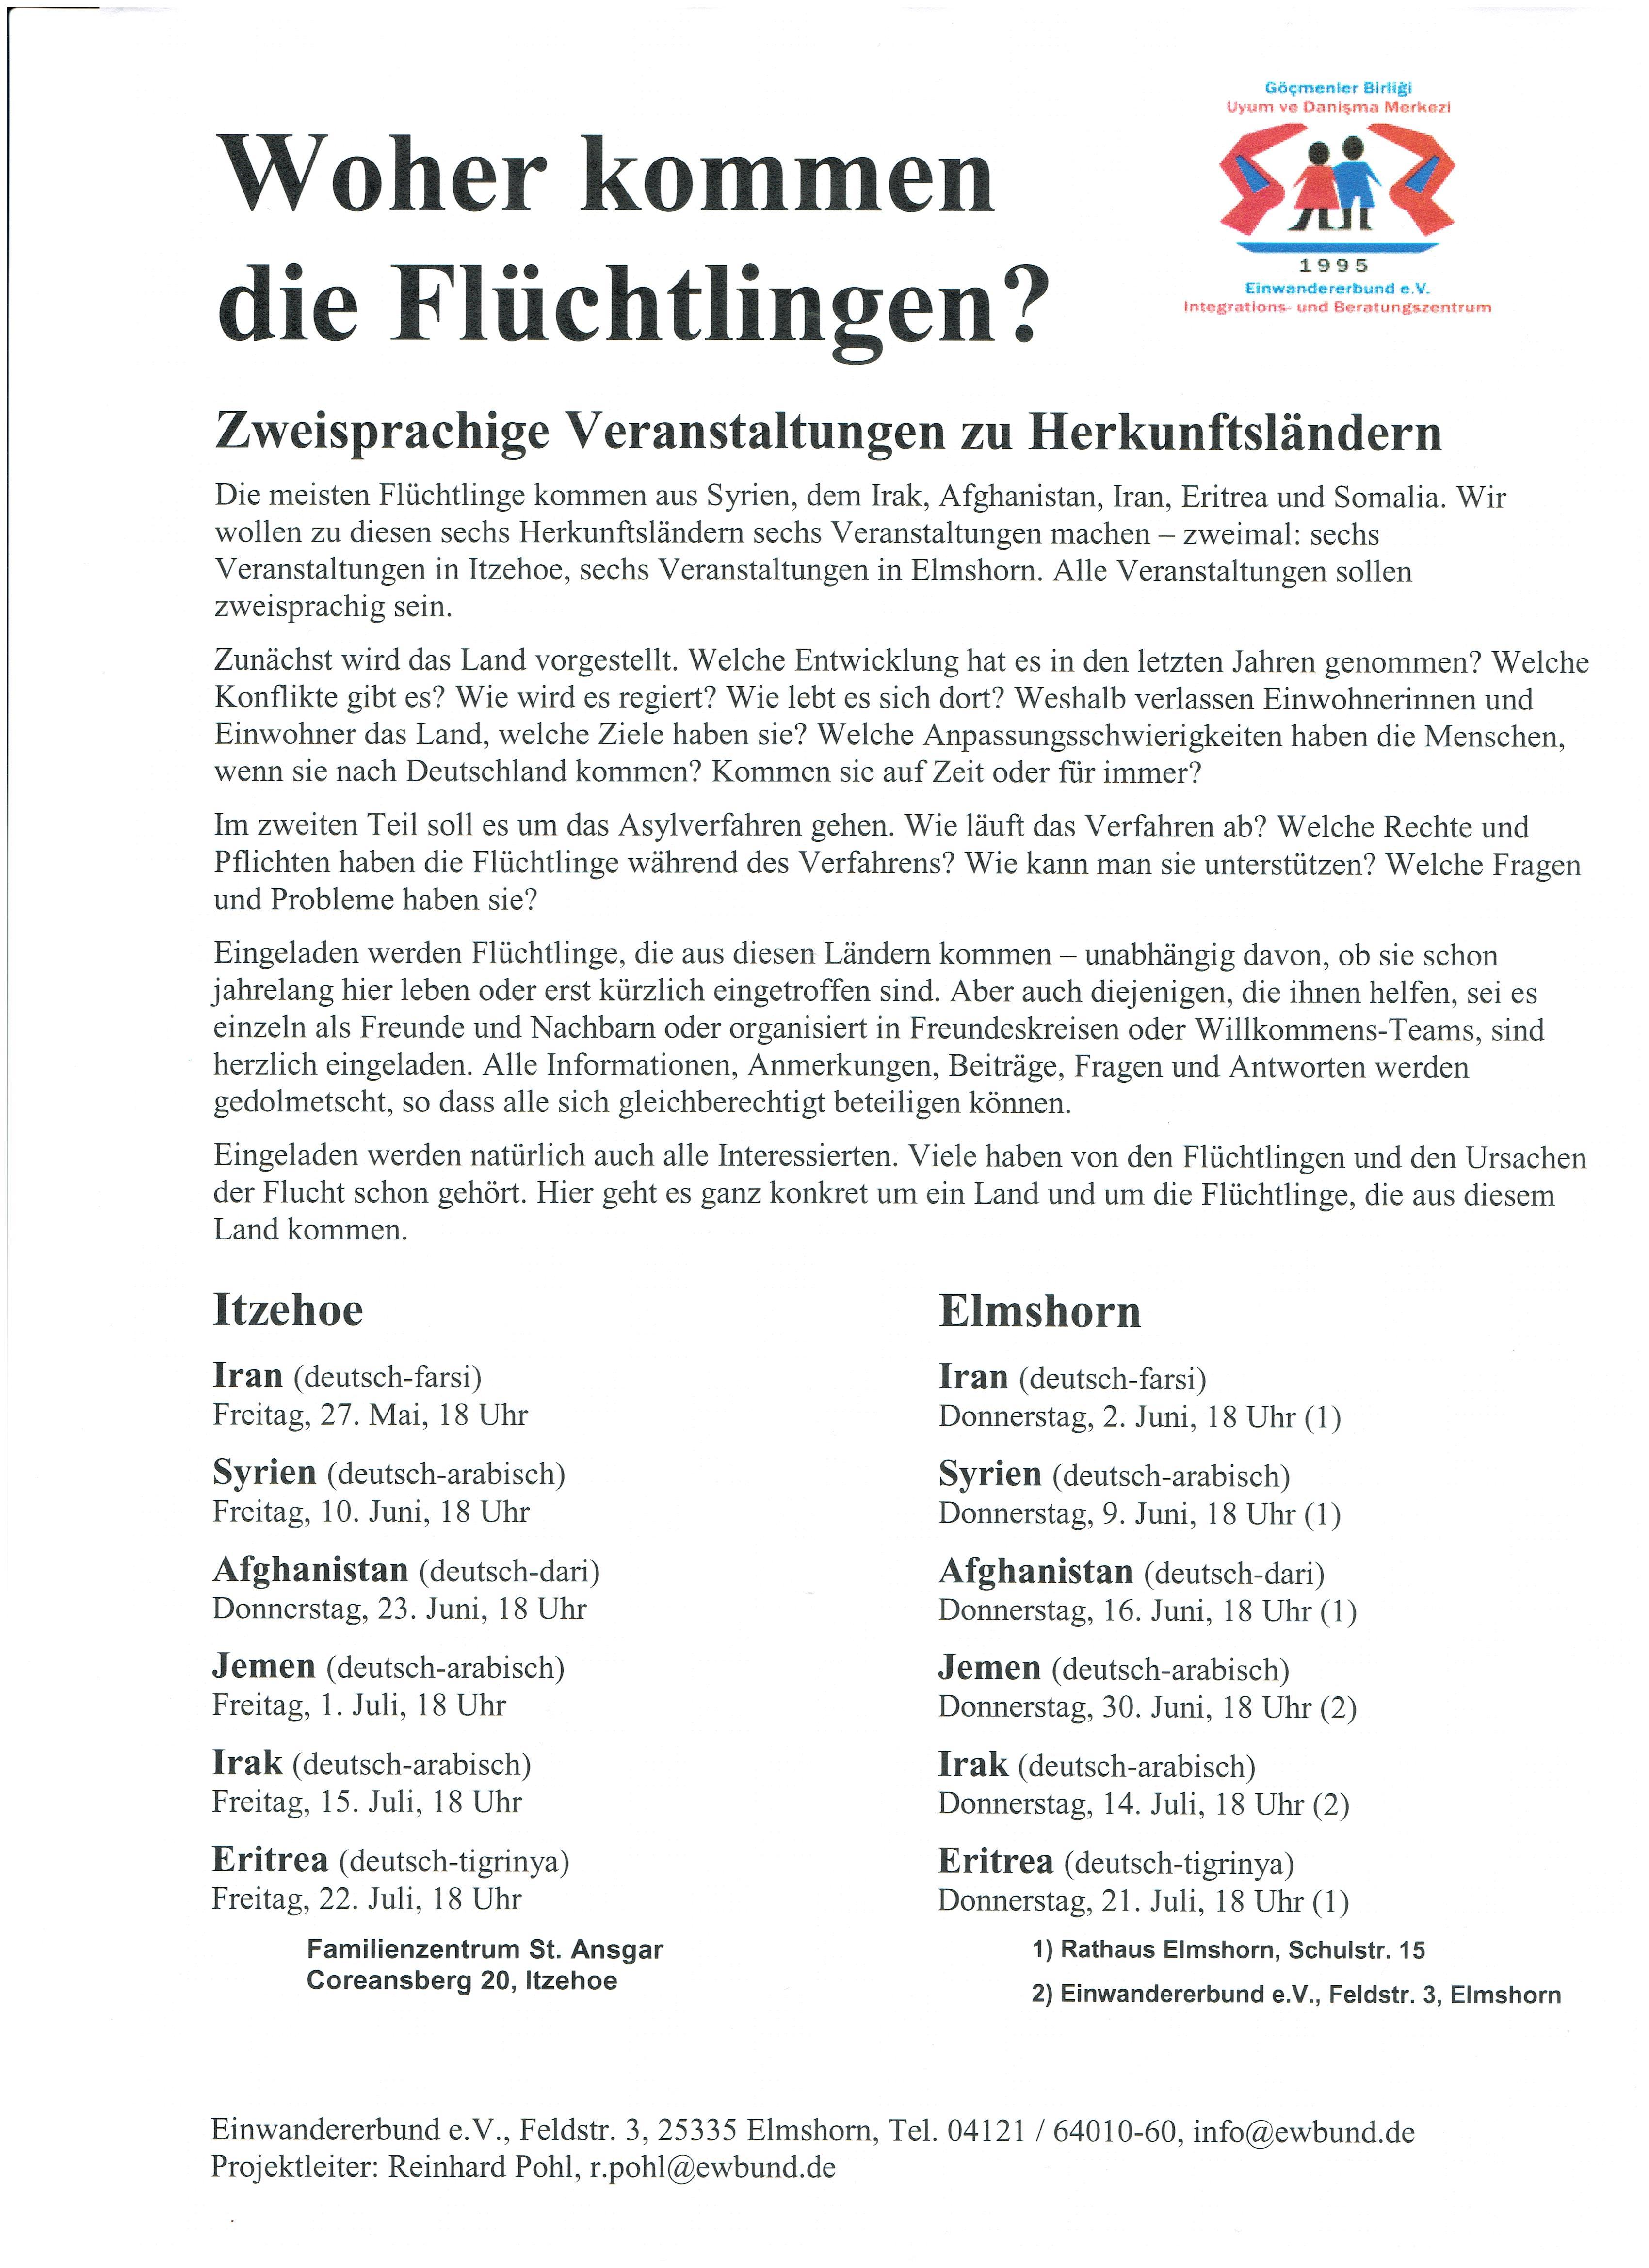 HKL_und_Asylverfahren_2016-04-30_001